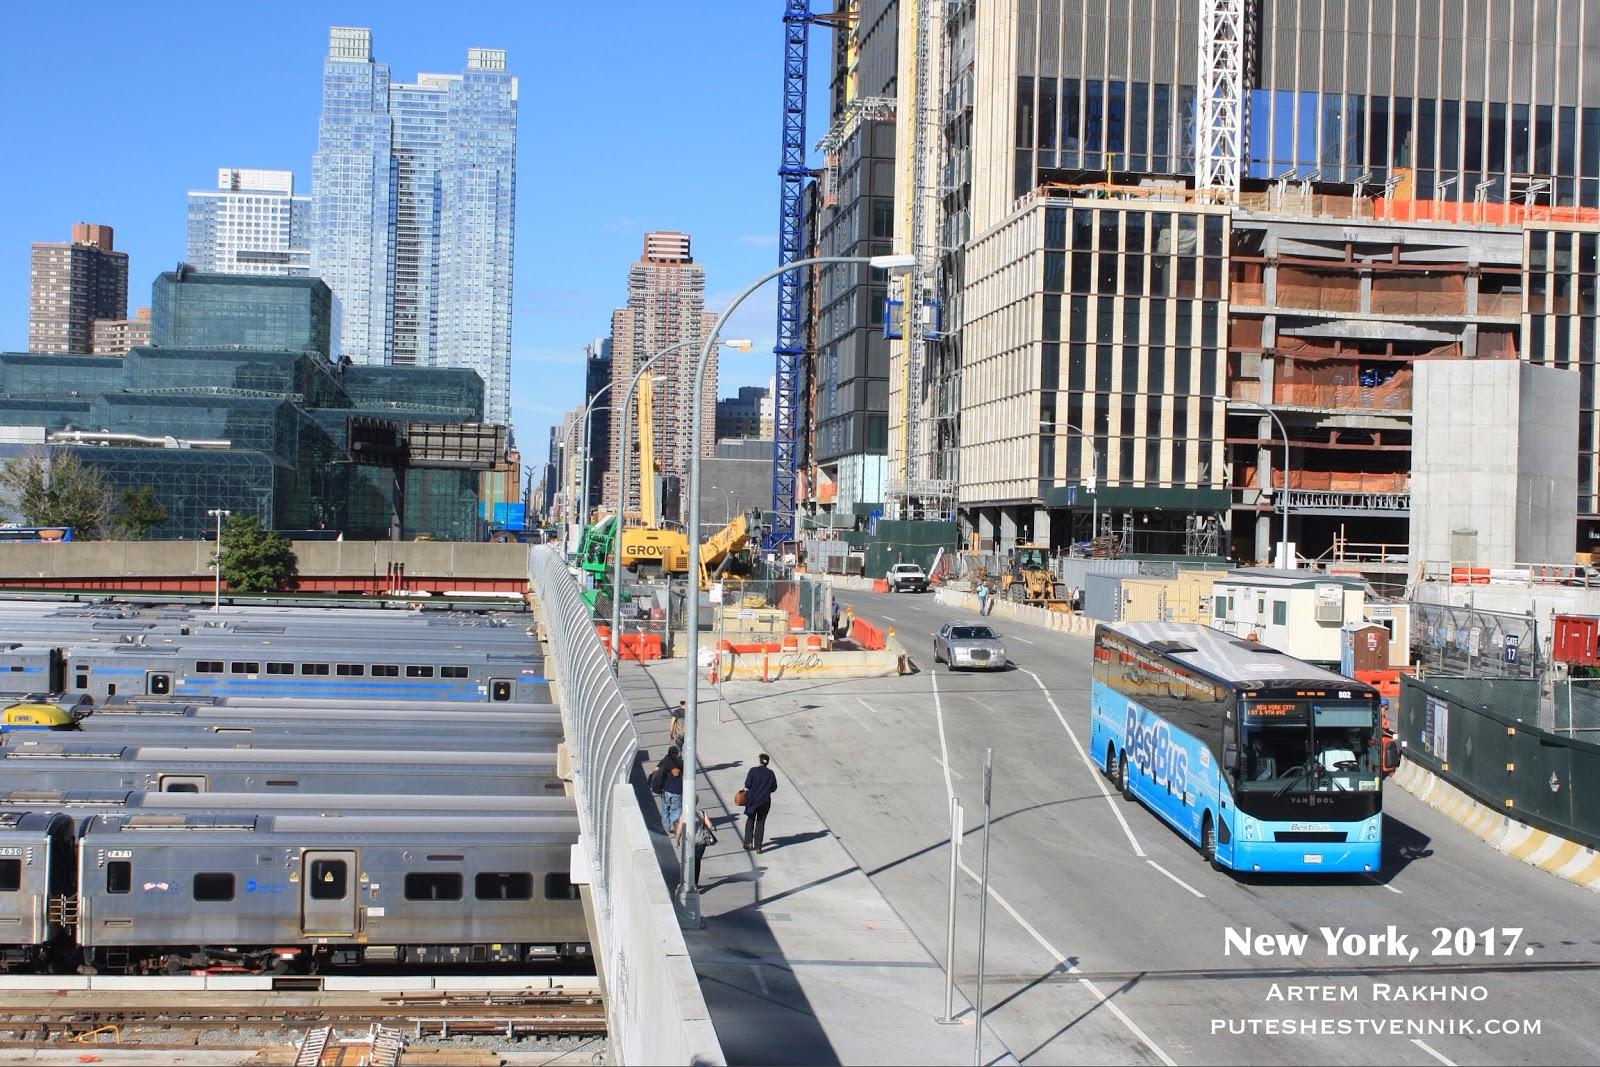 Поезда метро и город Нью-Йорк